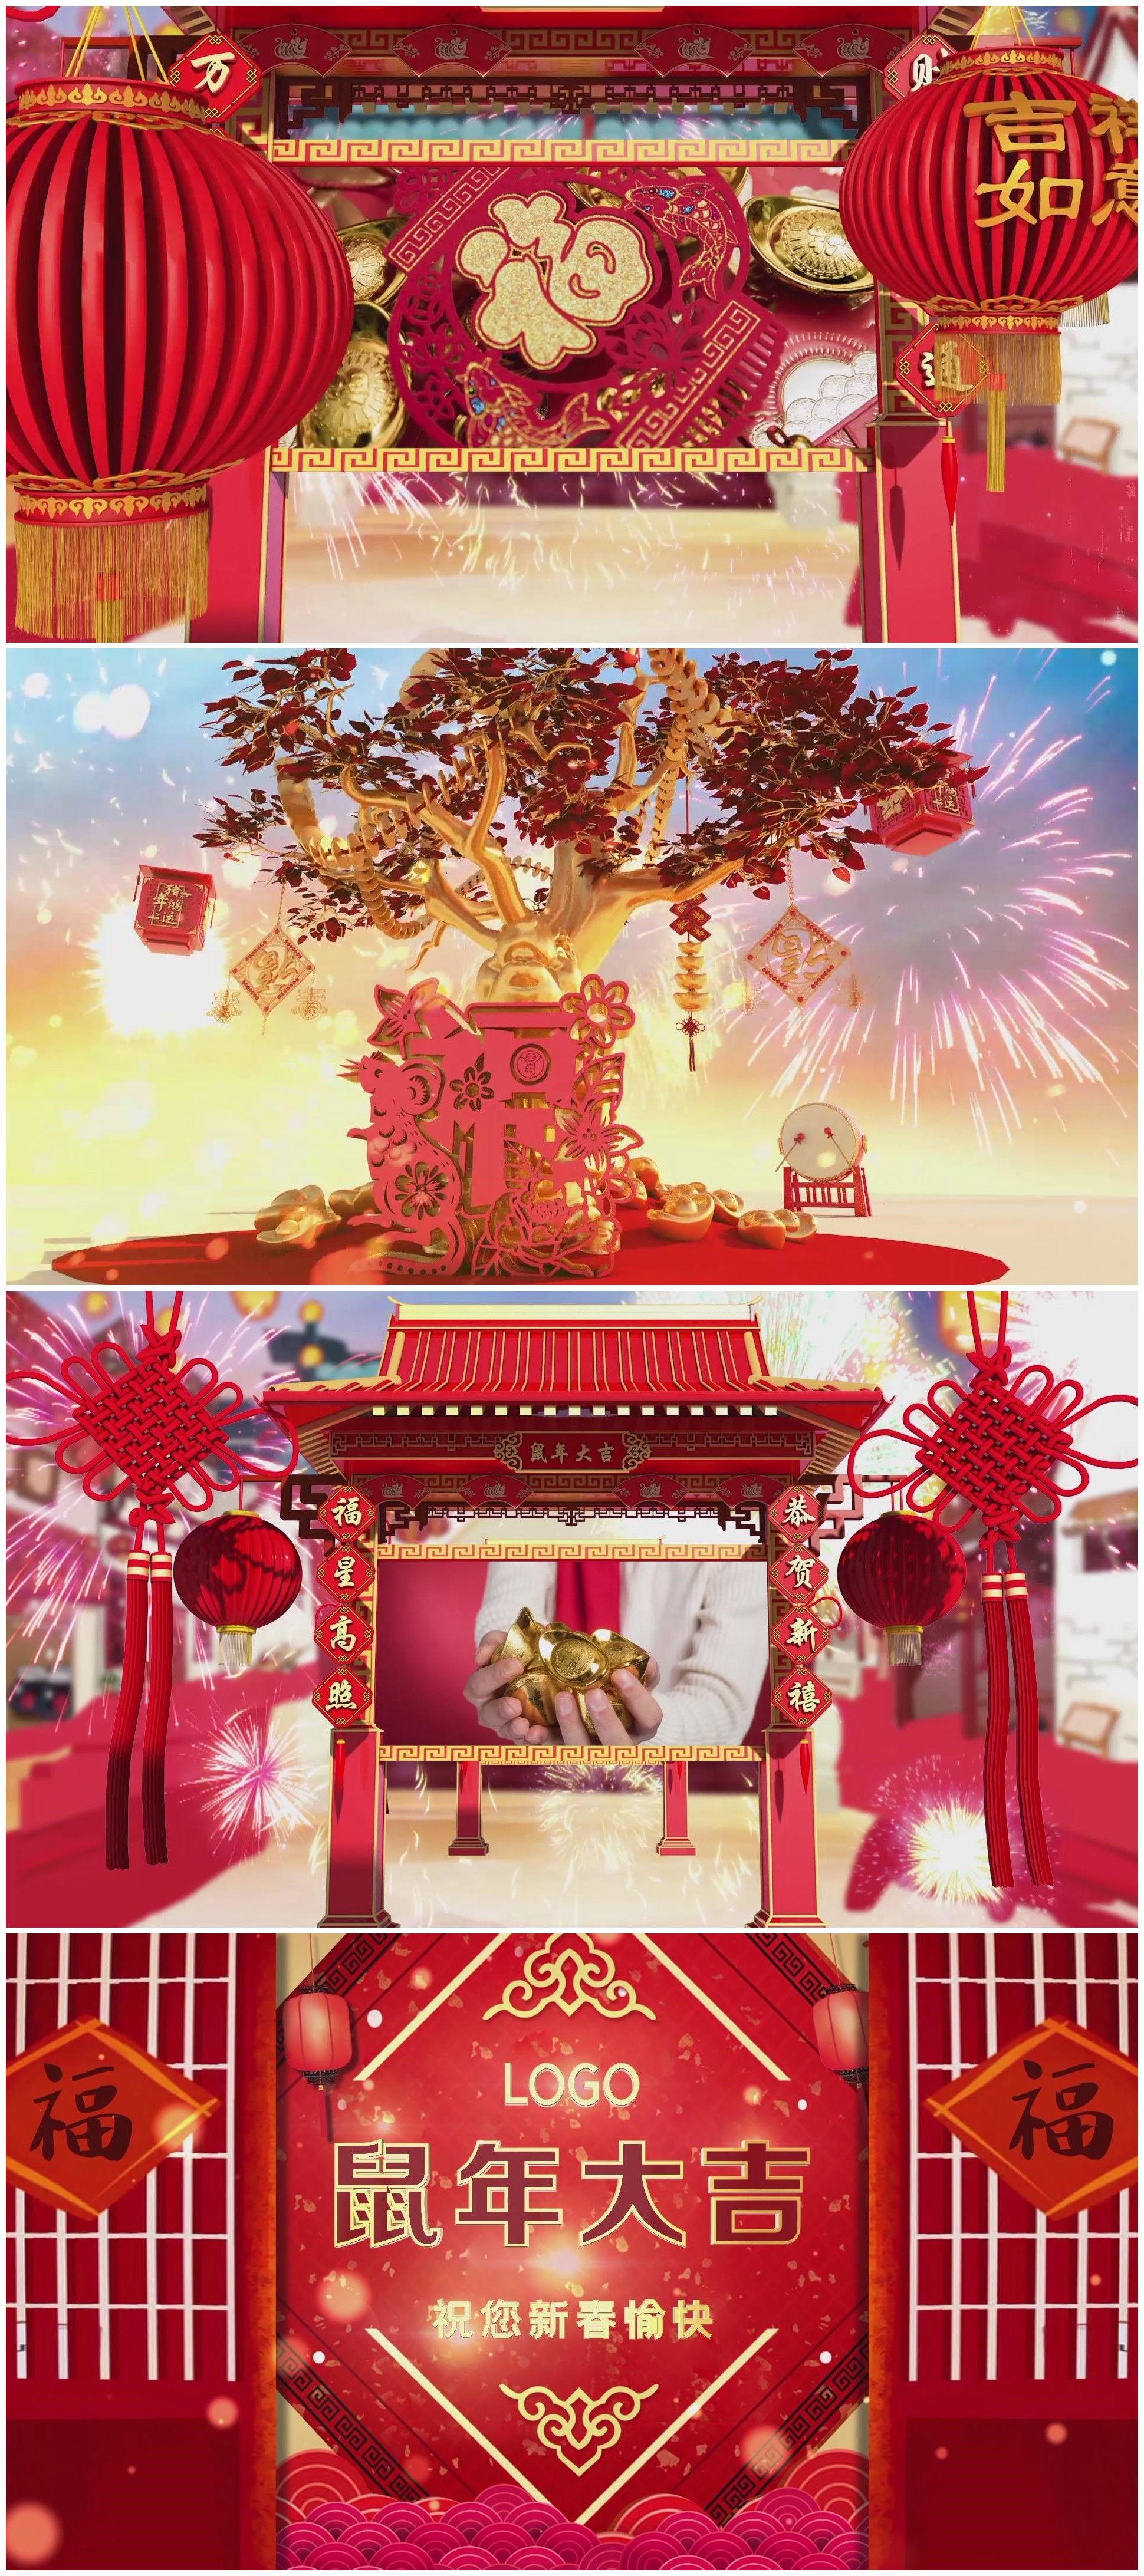 原創發財樹開場喜慶新年AE模板